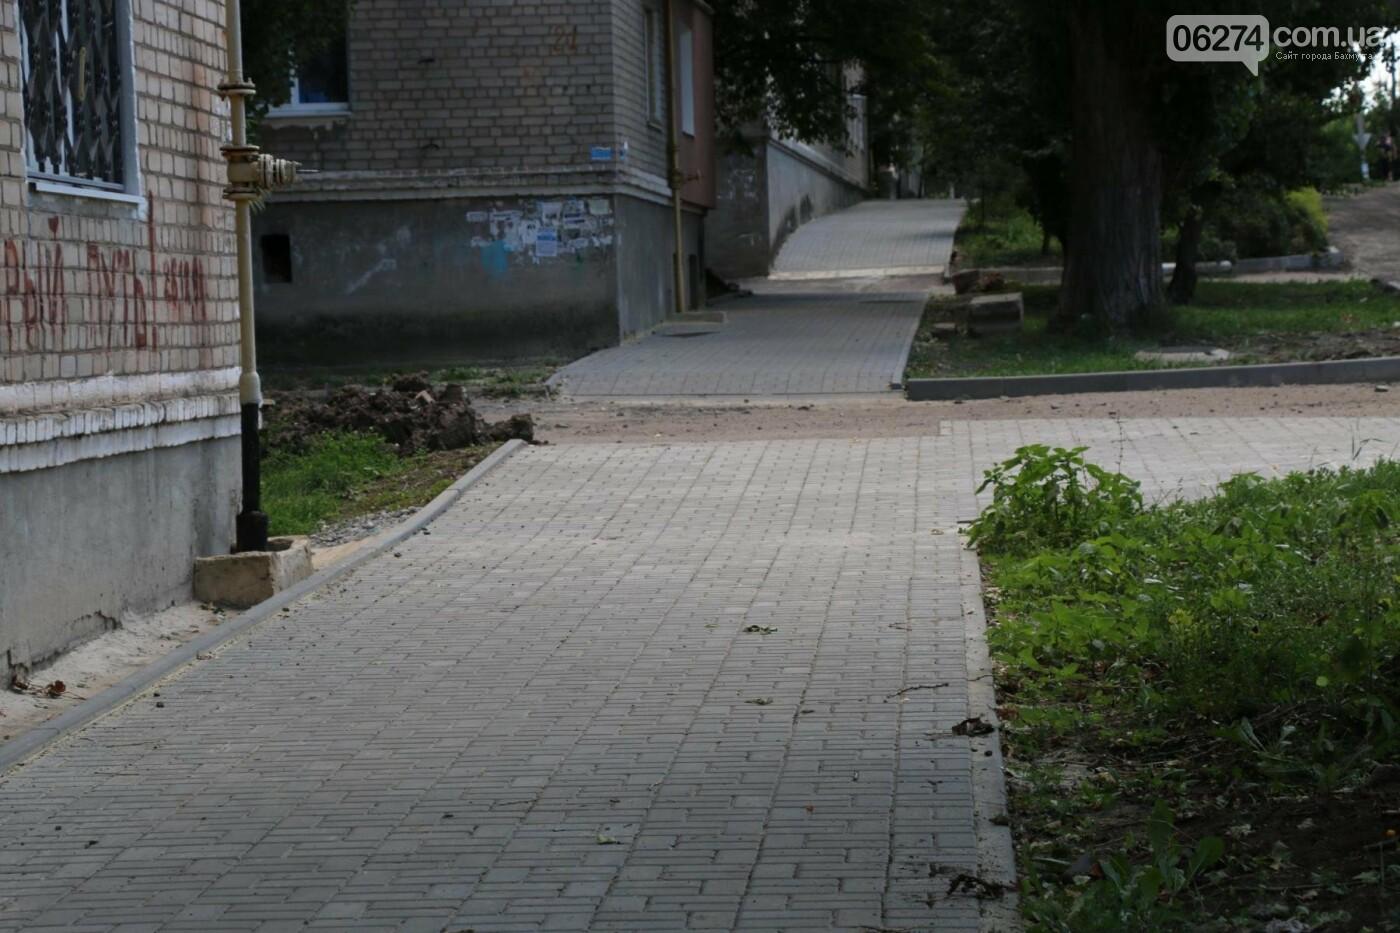 Ремонт дорог в Бахмуте: реконструкция Ростовской продлится до конца года, фото-5